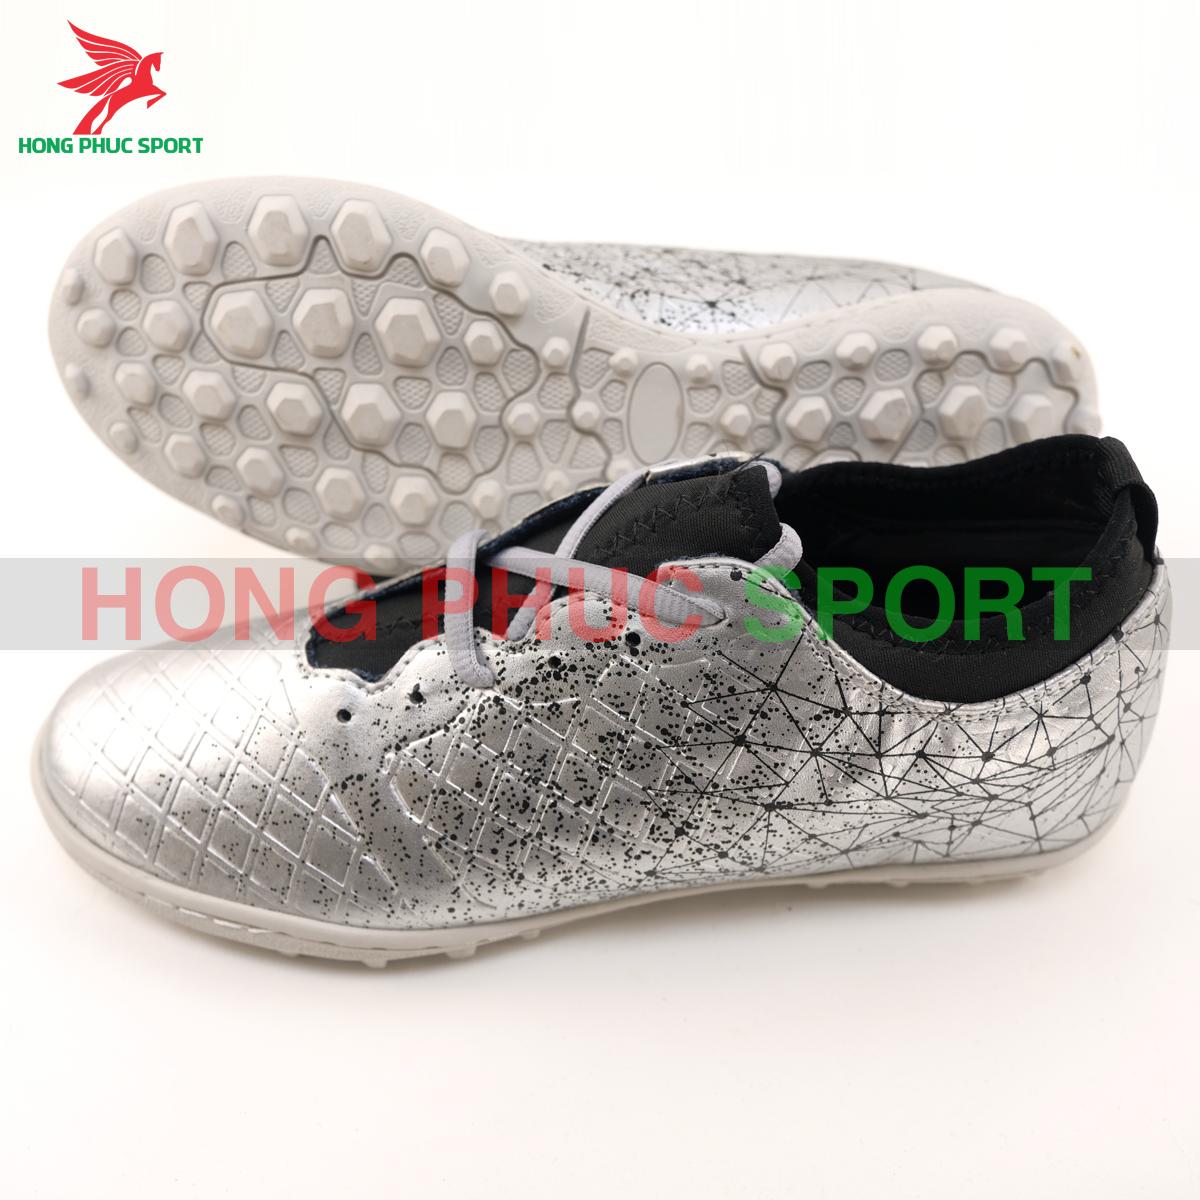 https://cdn.hongphucsport.com/unsafe/s4.shopbay.vn/files/285/giay-da-bong-hong-phuc-premium-21-1-2021-mau-bac-6089243e1a084.png